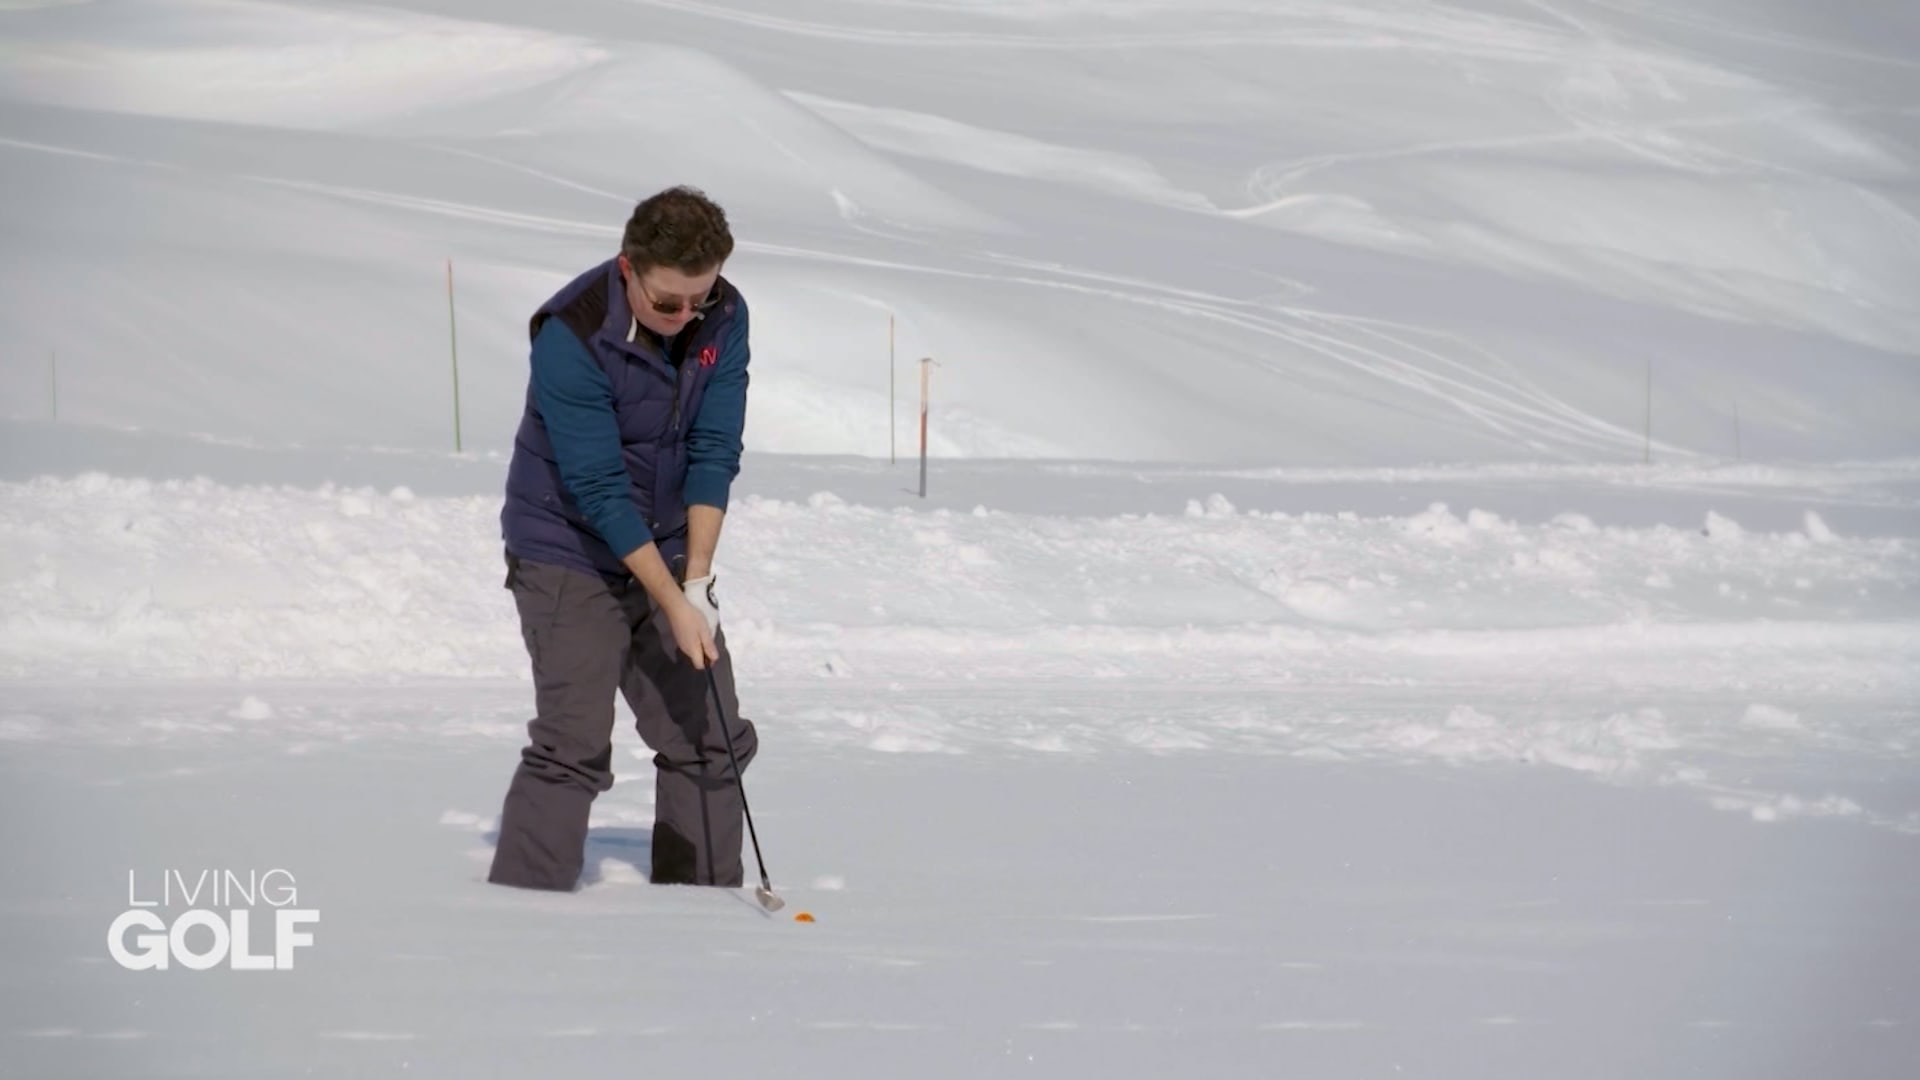 بدلا من العشب.. هكذا تلعب الغولف فوق الثلج في جبال الألب الفرنسية